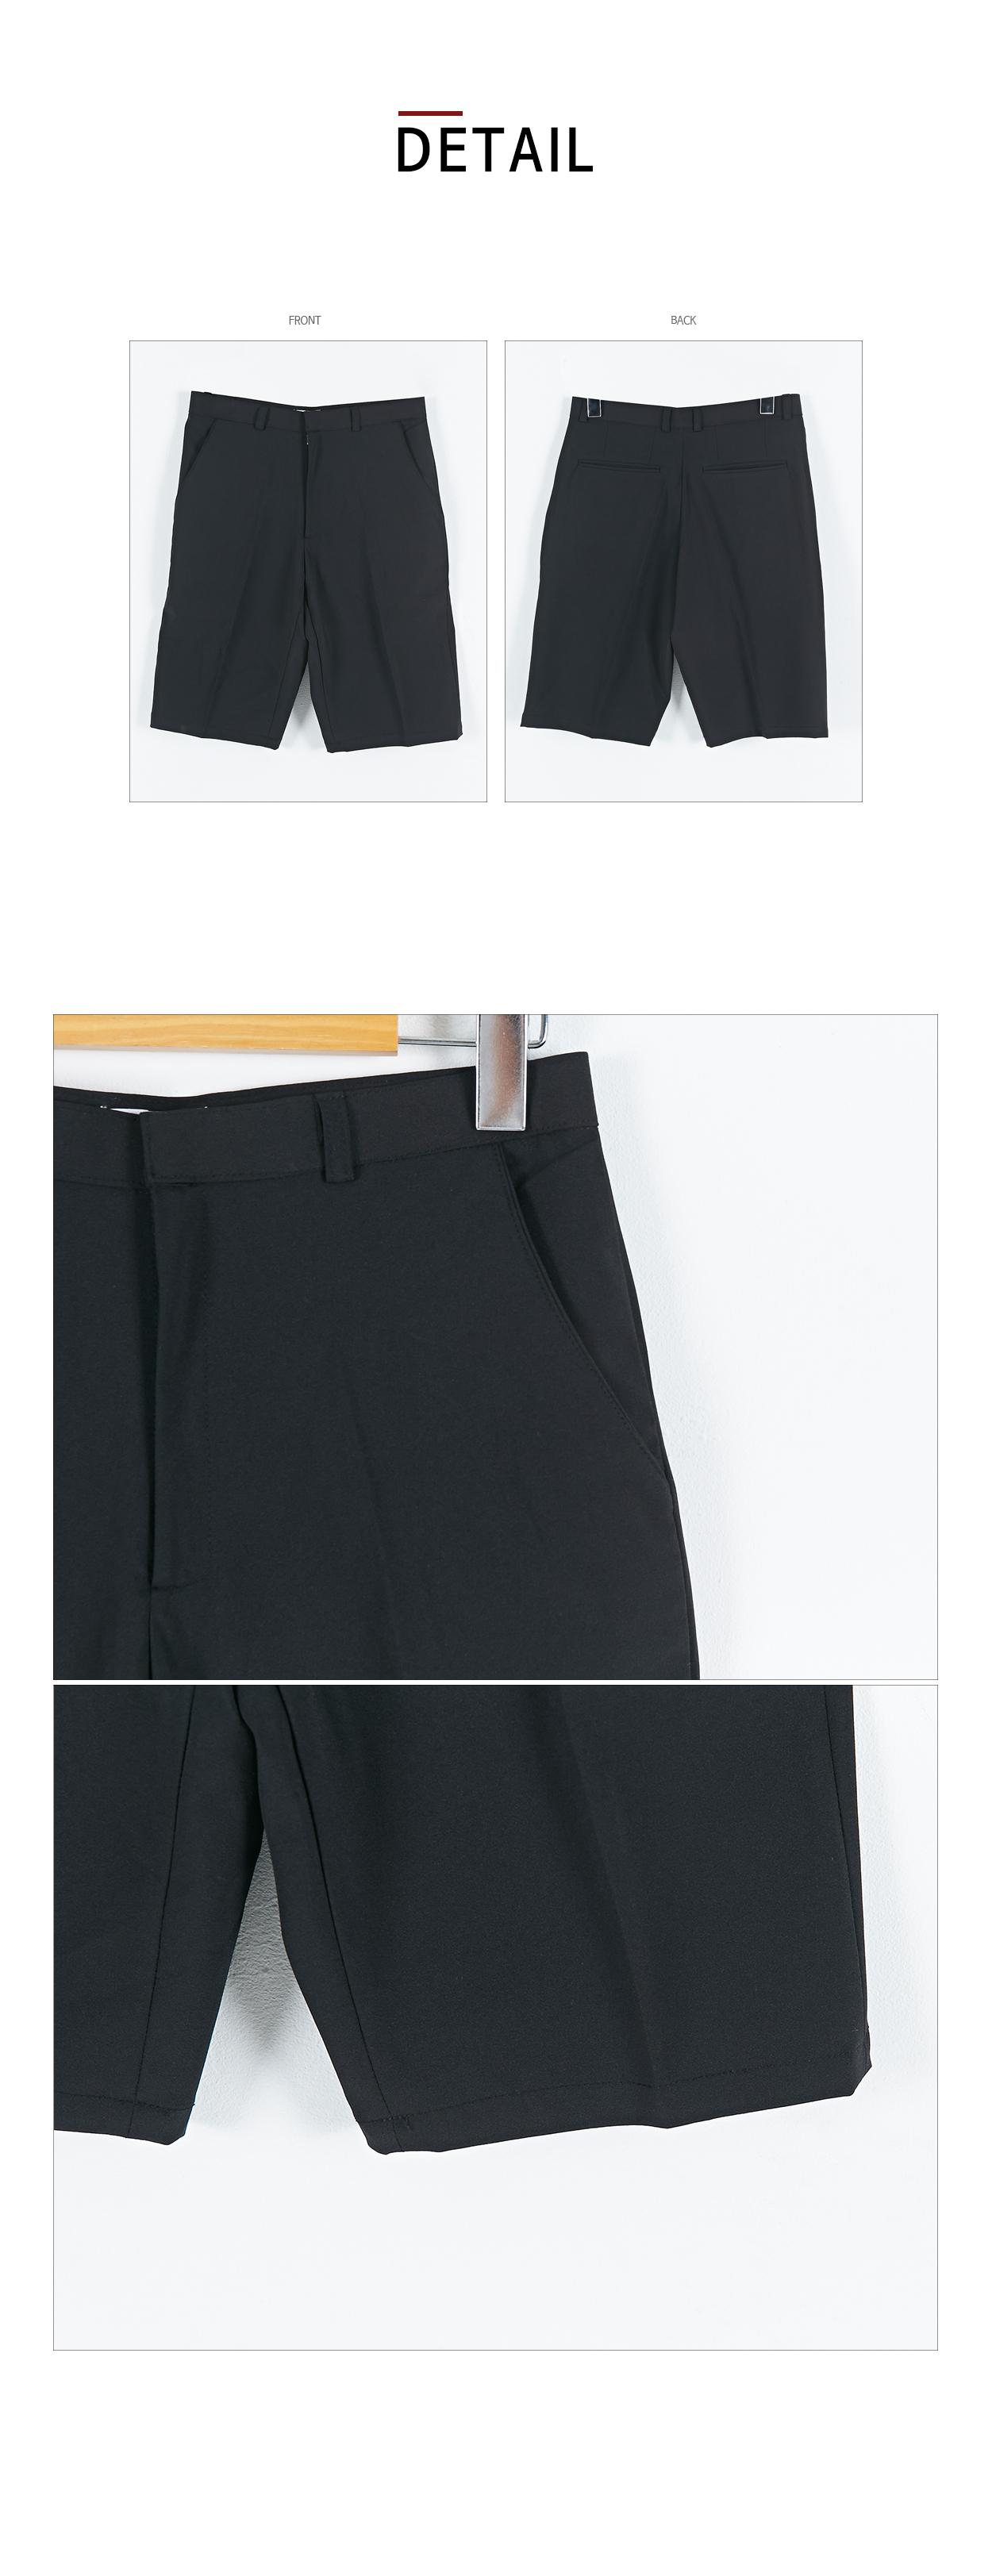 스판 블랙 교복 반바지 생활복 남자 - 교복몰, 35,200원, 남성 스쿨룩, 하의